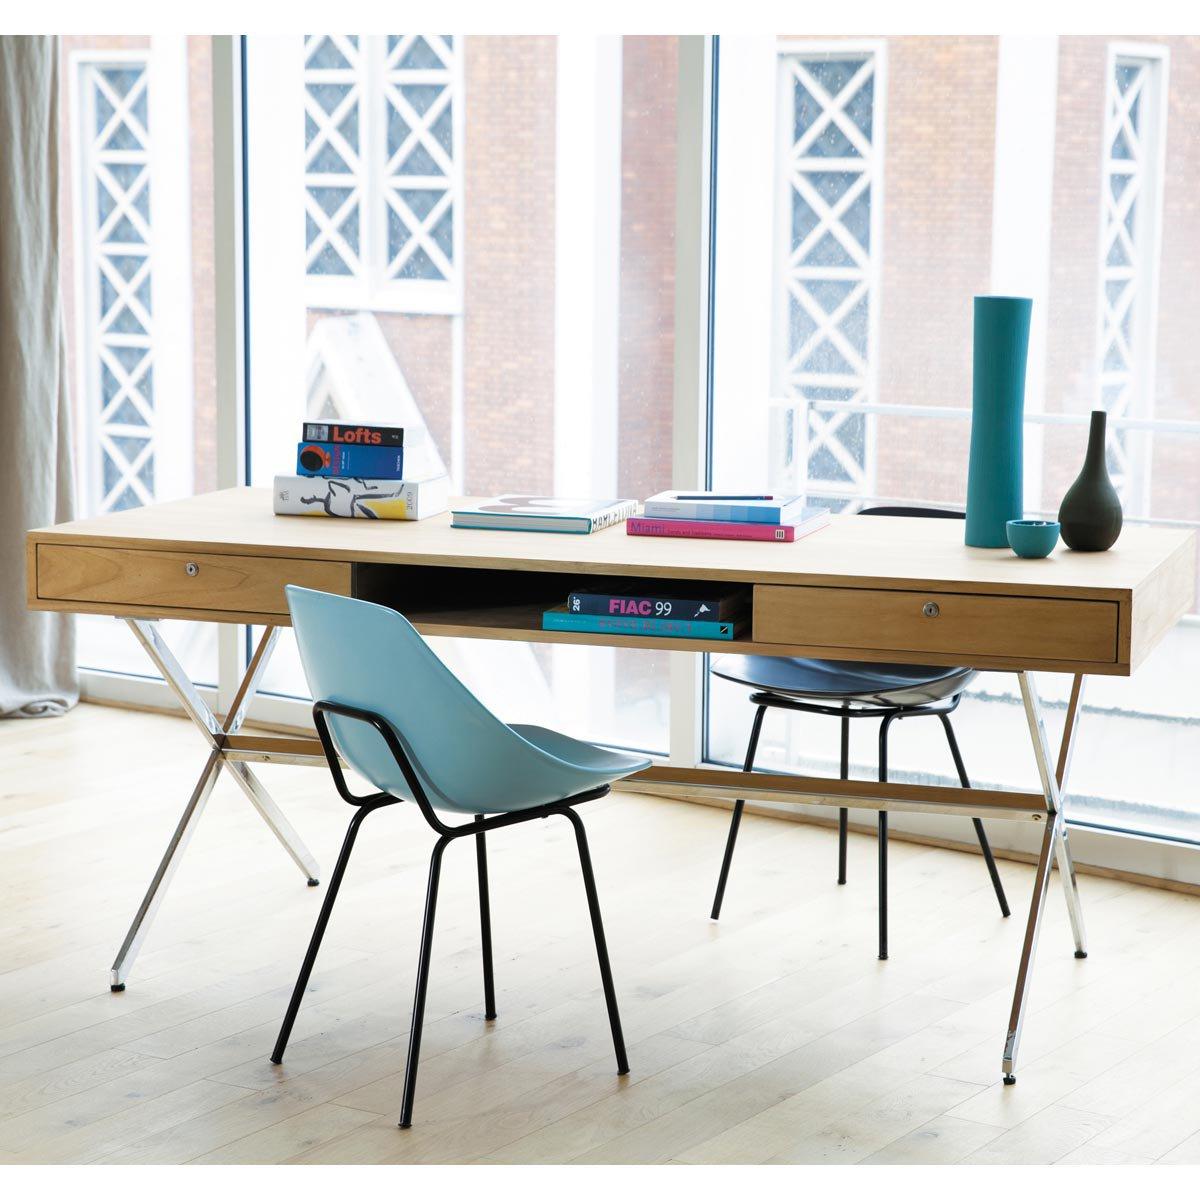 Muebles de los 50 y 60 en maisons du monde pierre guariche for Scrivania maison du monde